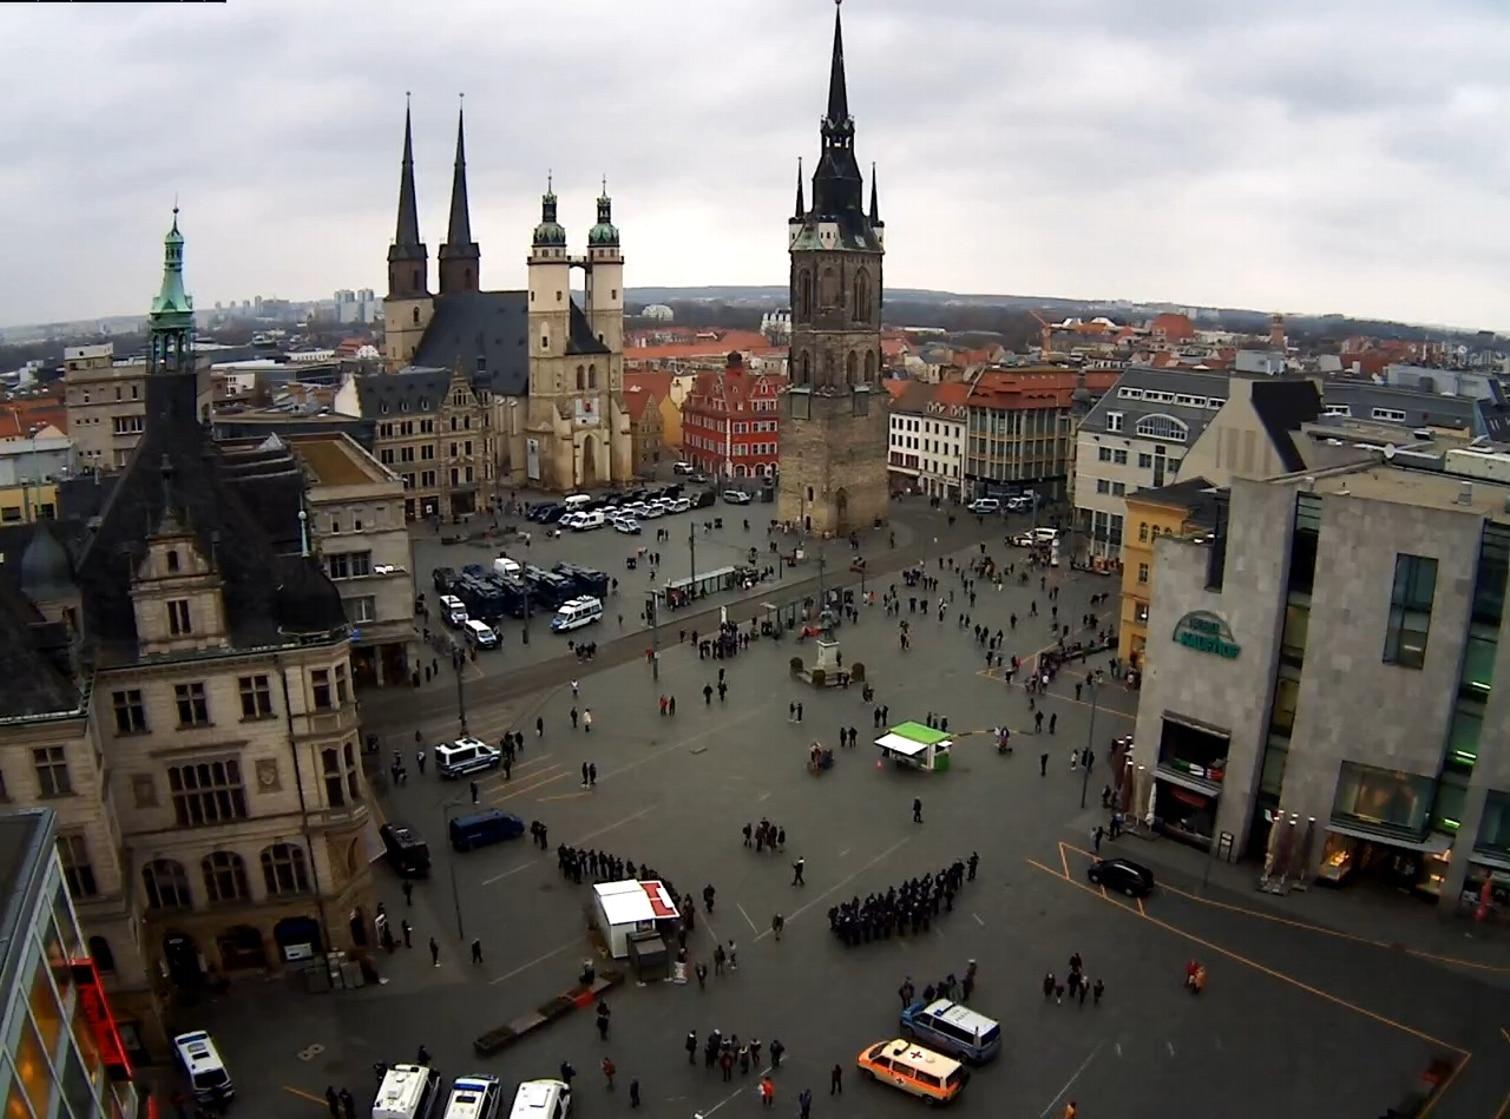 Der Marktplatz in Halle um 17 Uhr. Screen Webcam von ipcamlive.com